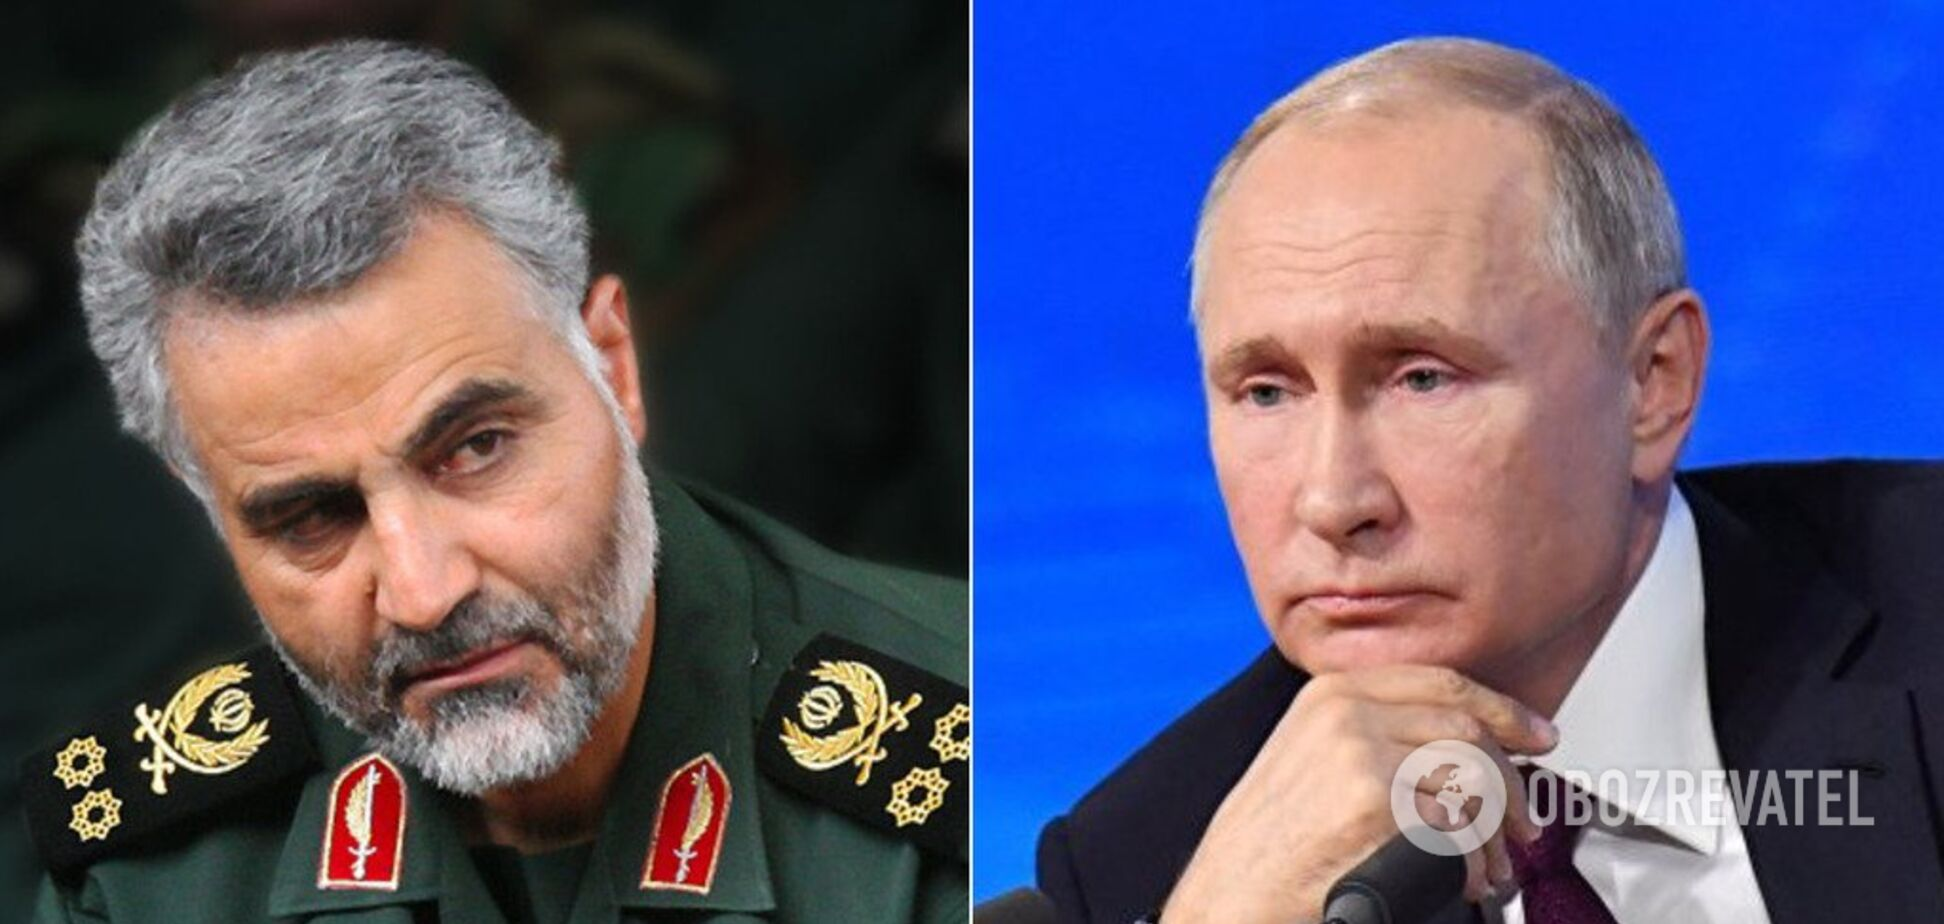 Касем Сулеймані та Володимир Путін